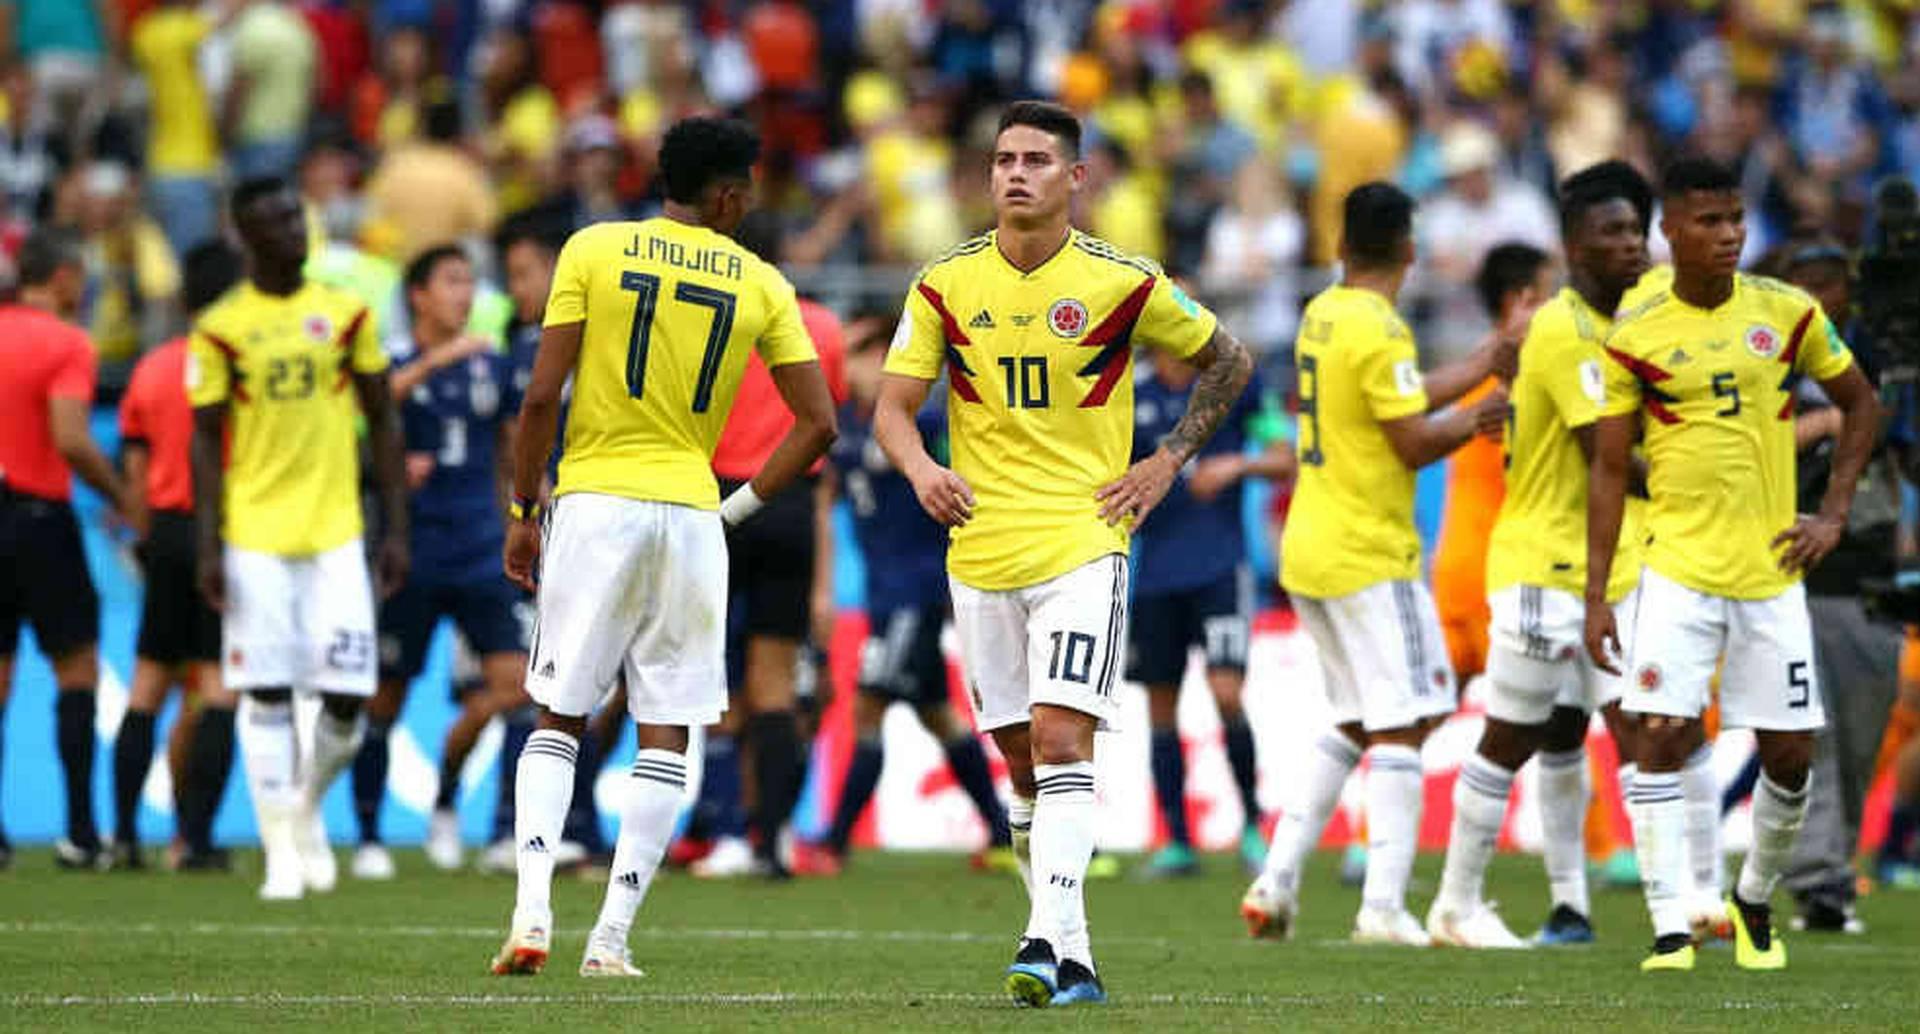 La selección Colombia en el mundial Rusia 2018.